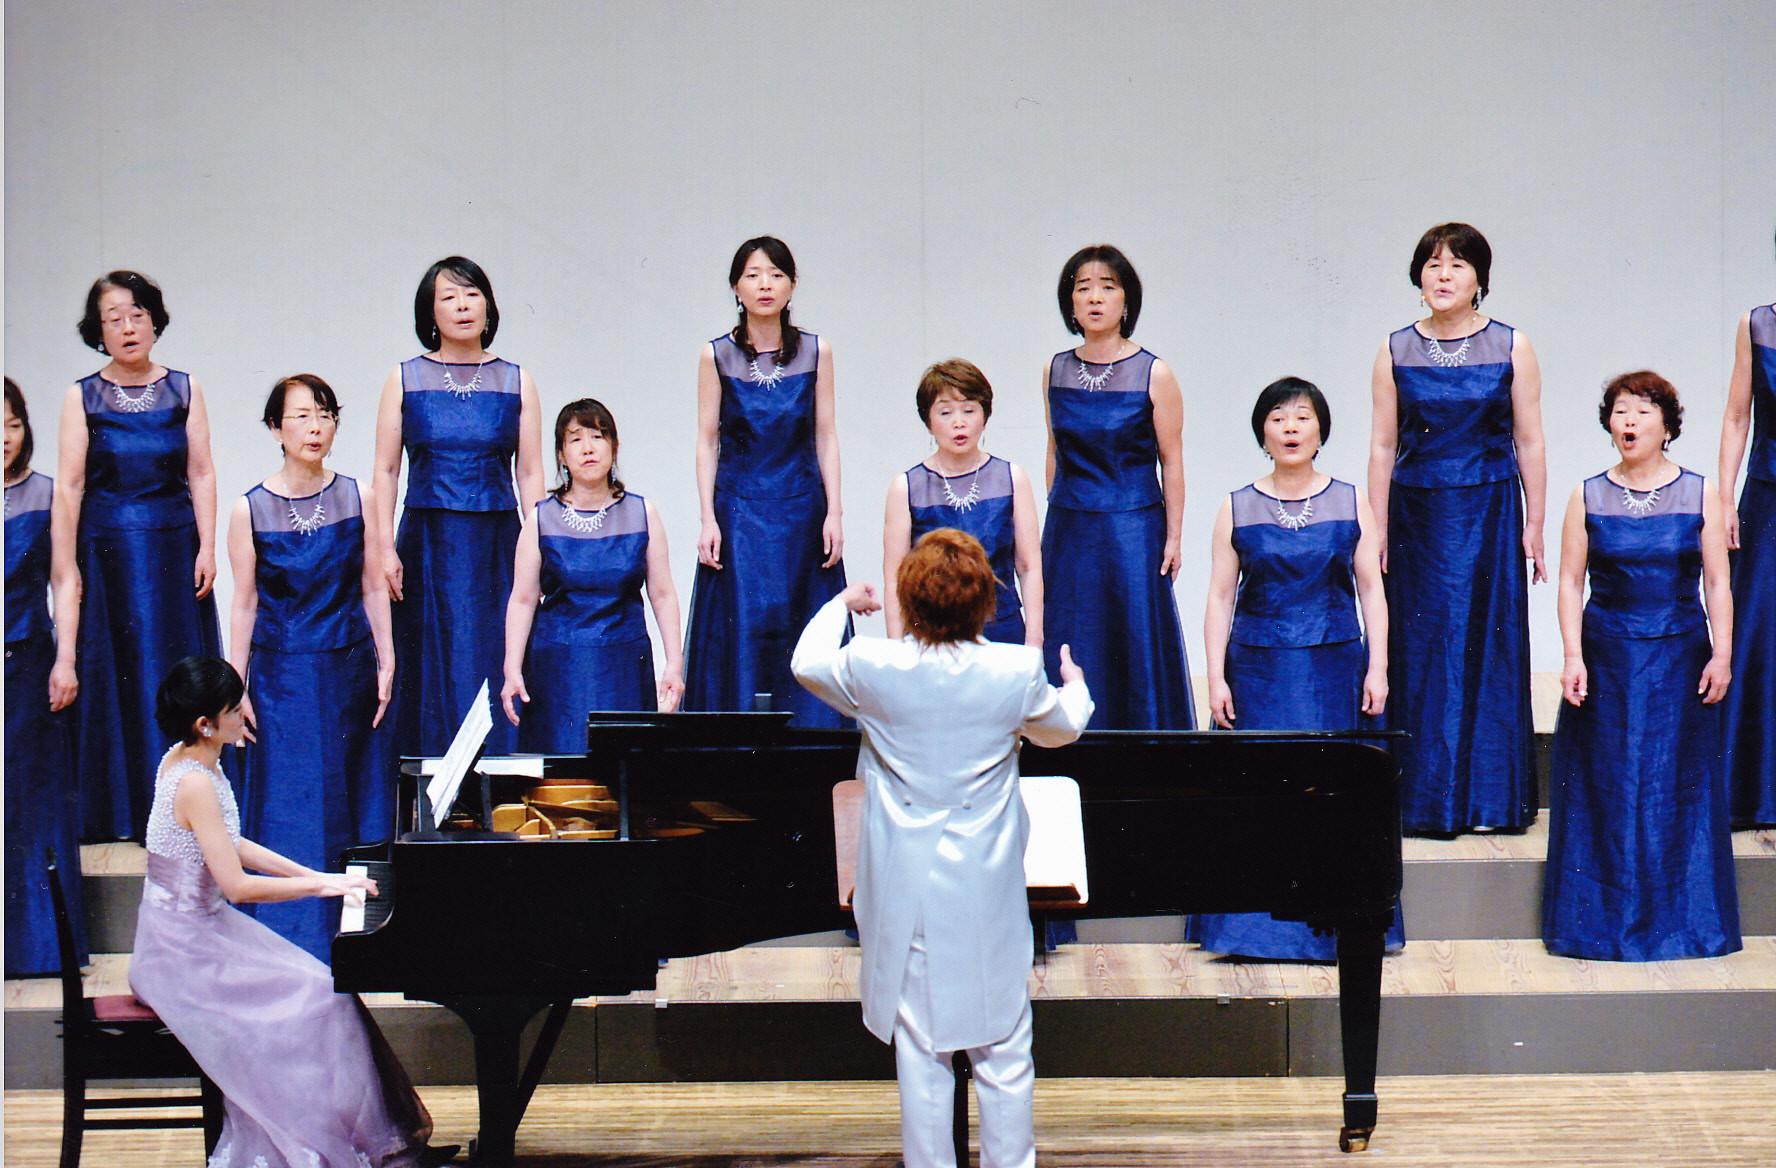 作歌者 栗原寛先生の指揮、村田智佳子先生のピアノで演奏しました。